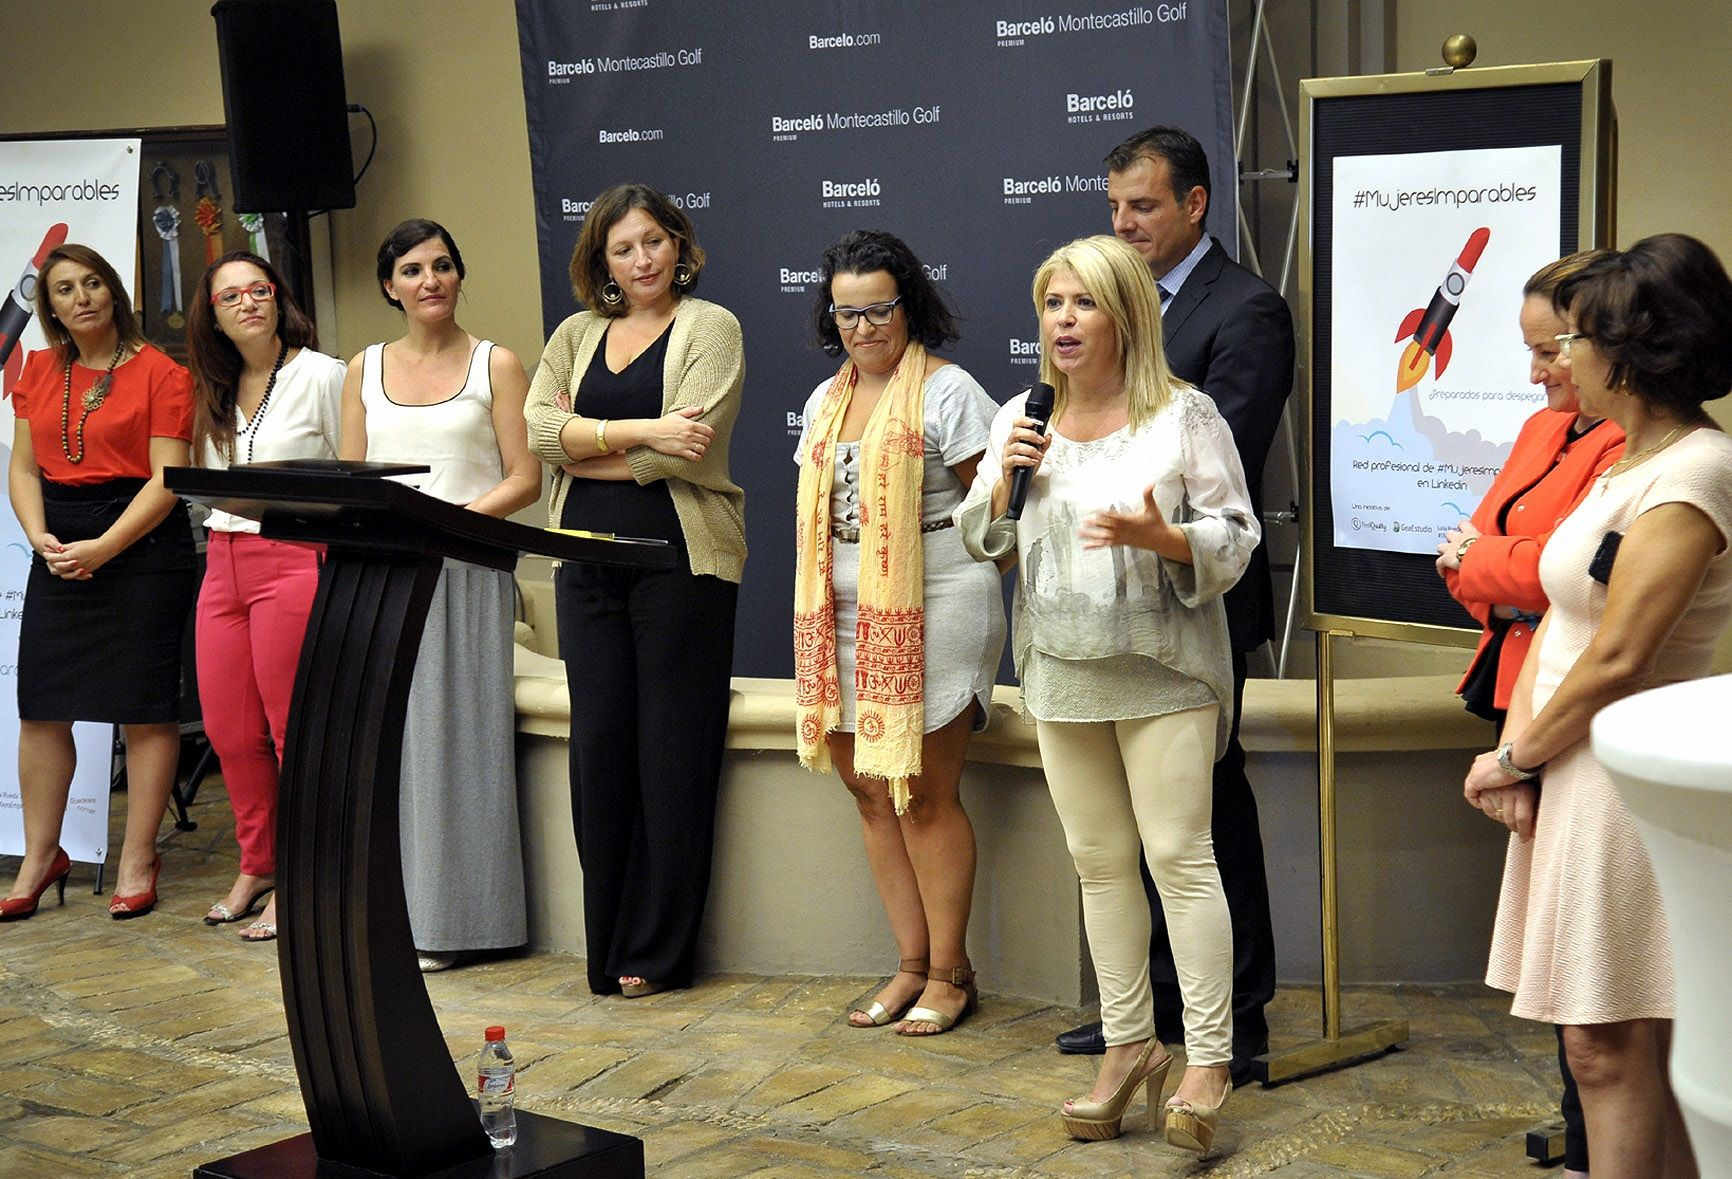 La alcaldesa Mamen Sánchez asisitió recientemente al encuentro Mujeres Imparables